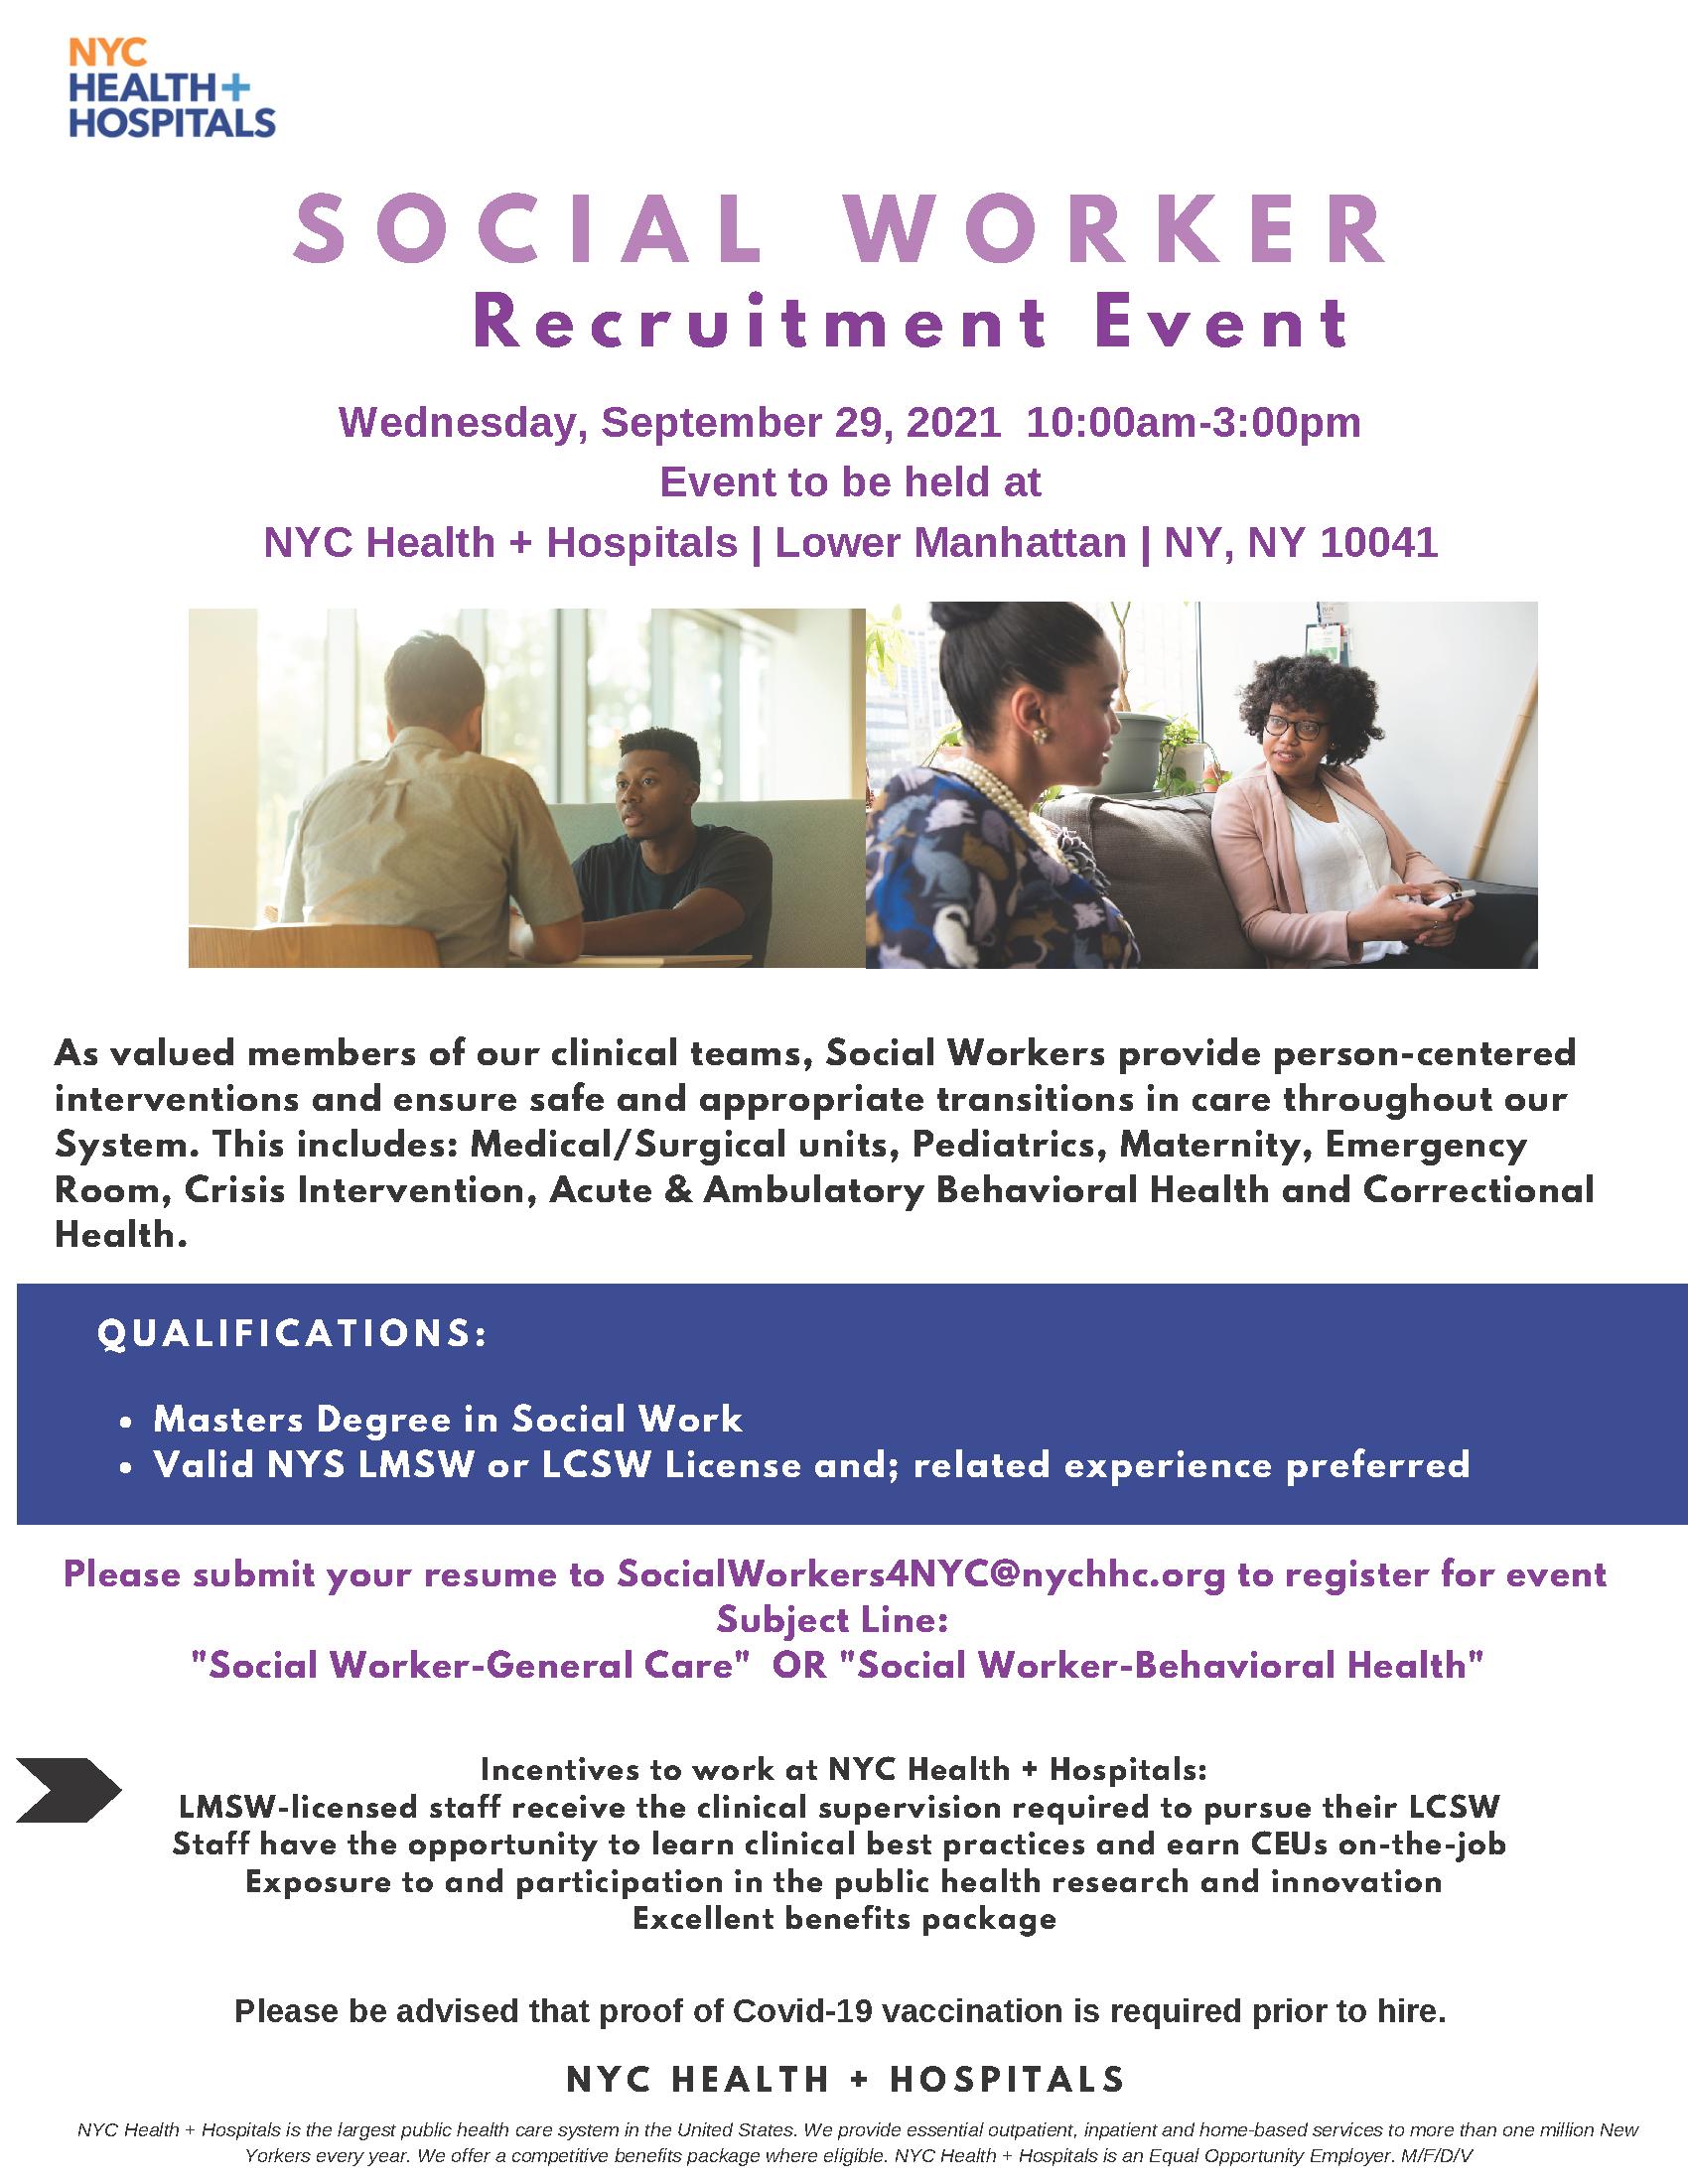 Flyer for Social Worker Recruitment Event on September 29